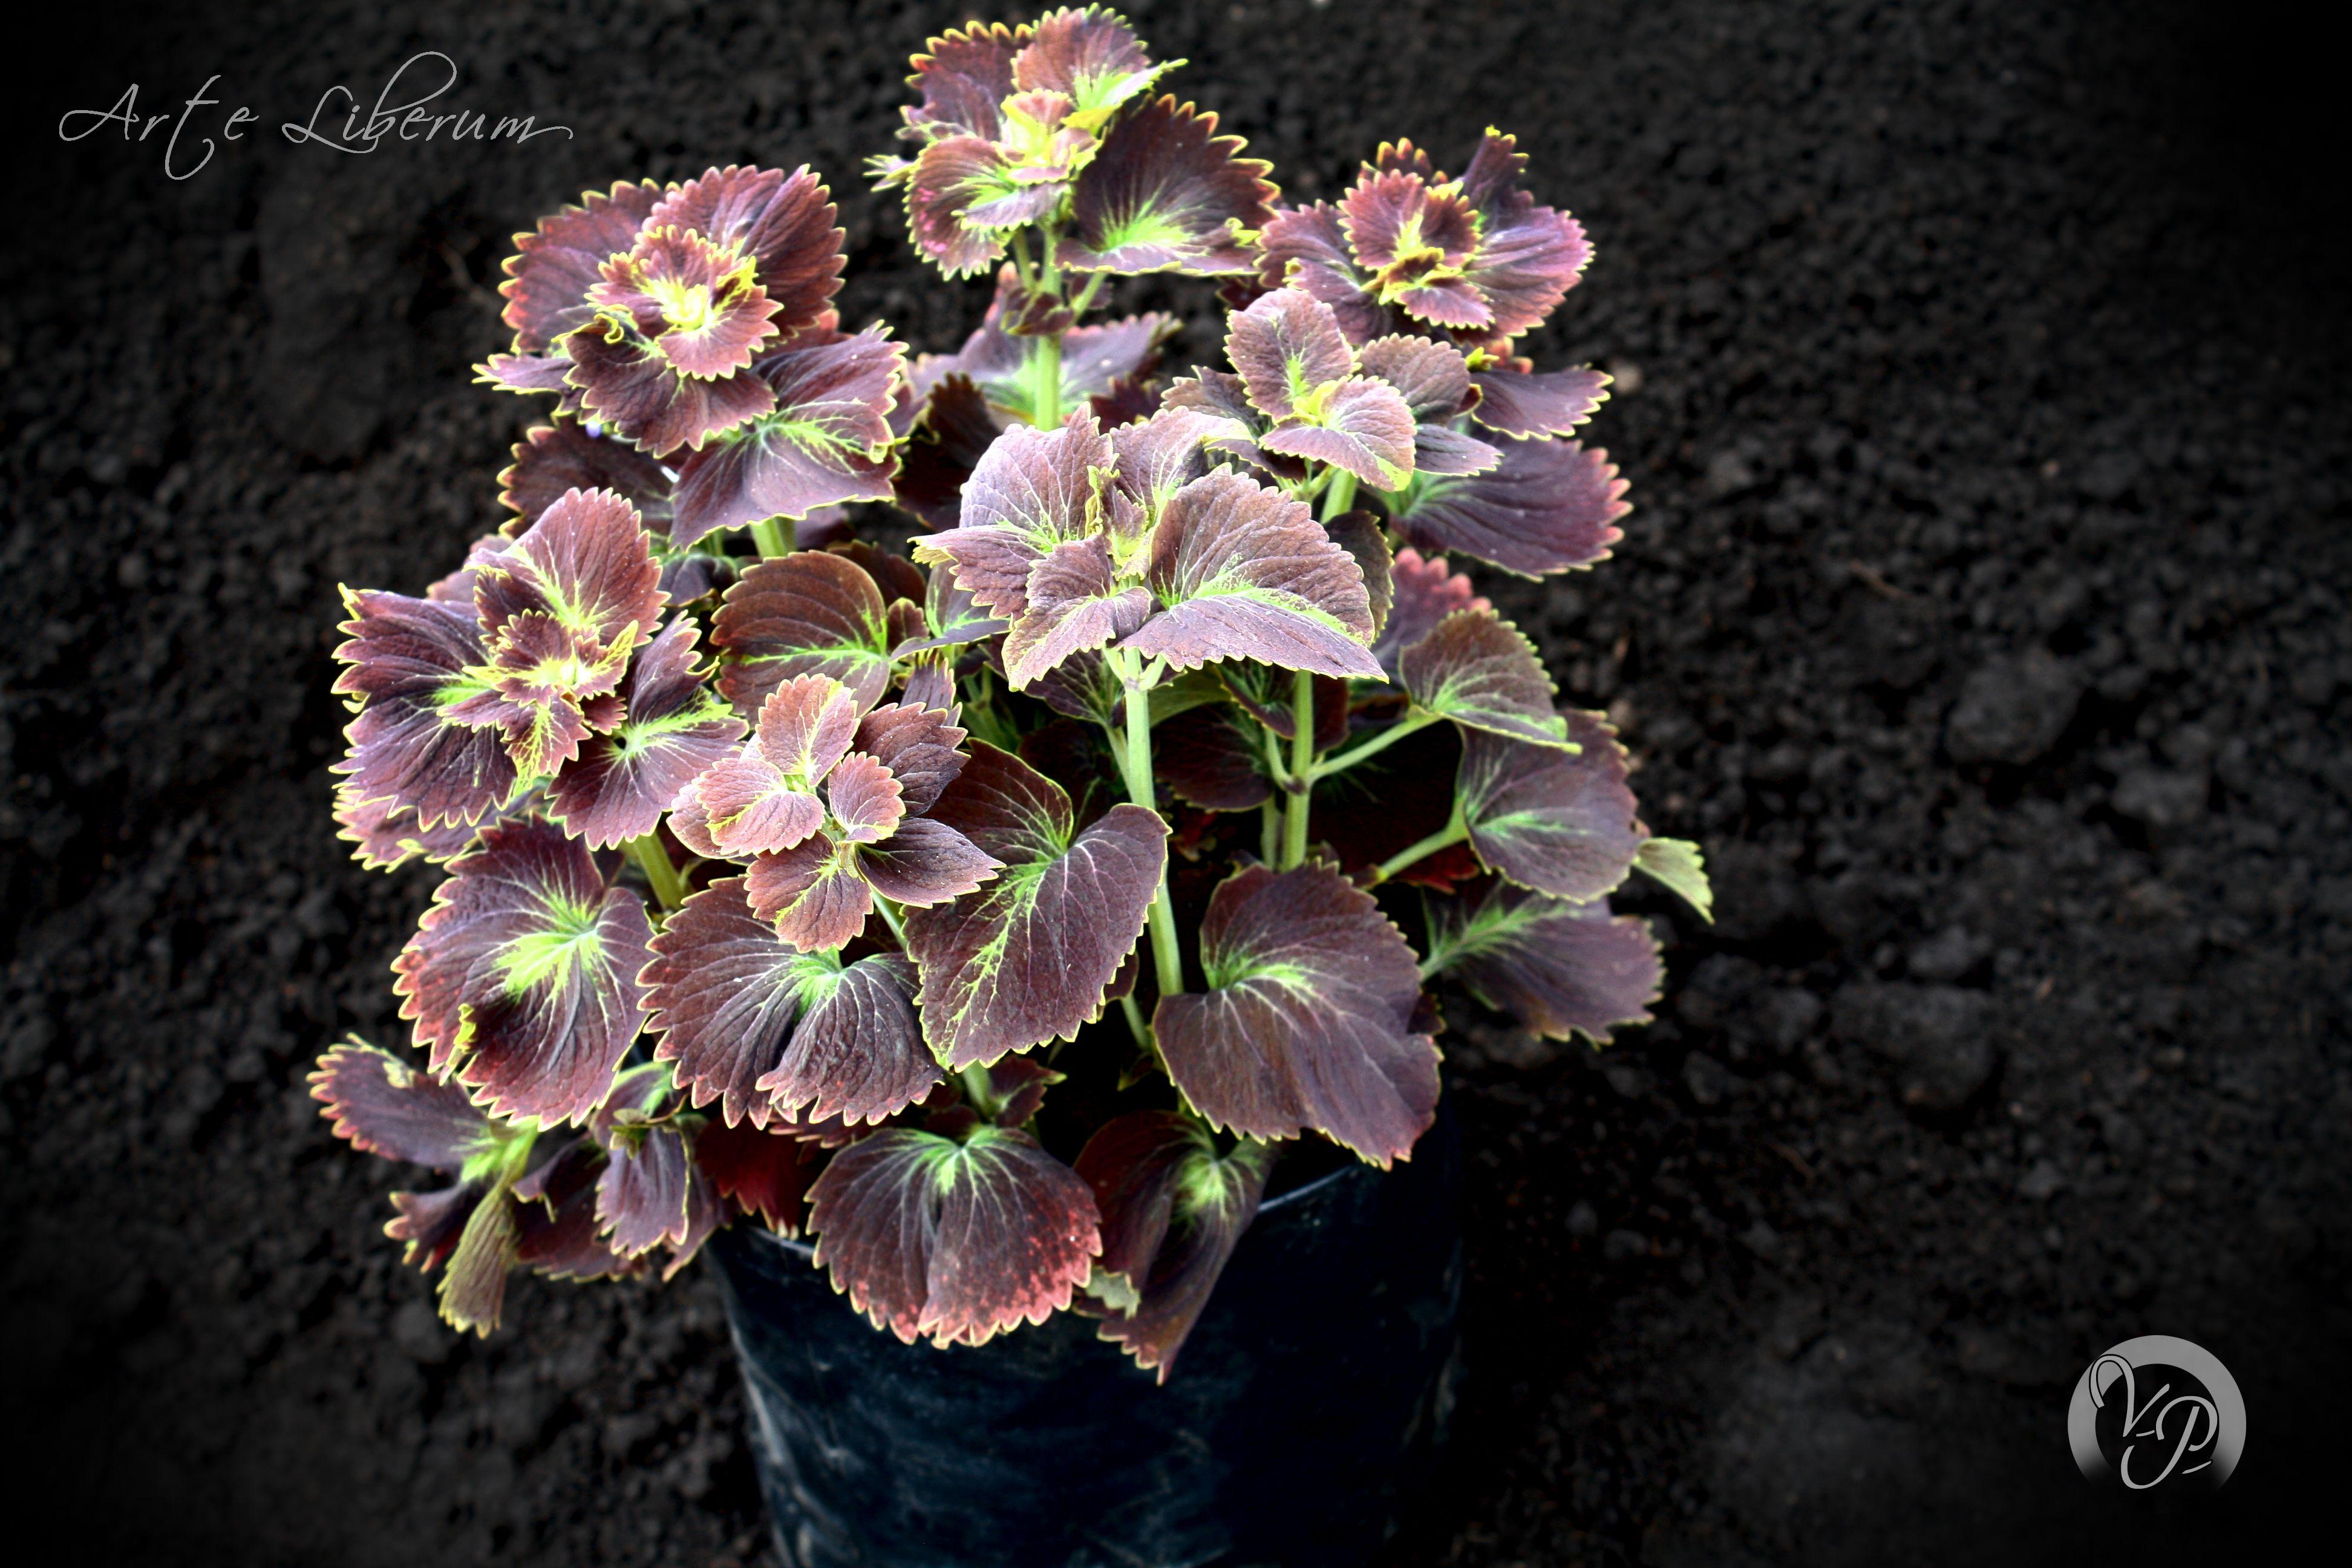 Armonia Botanica